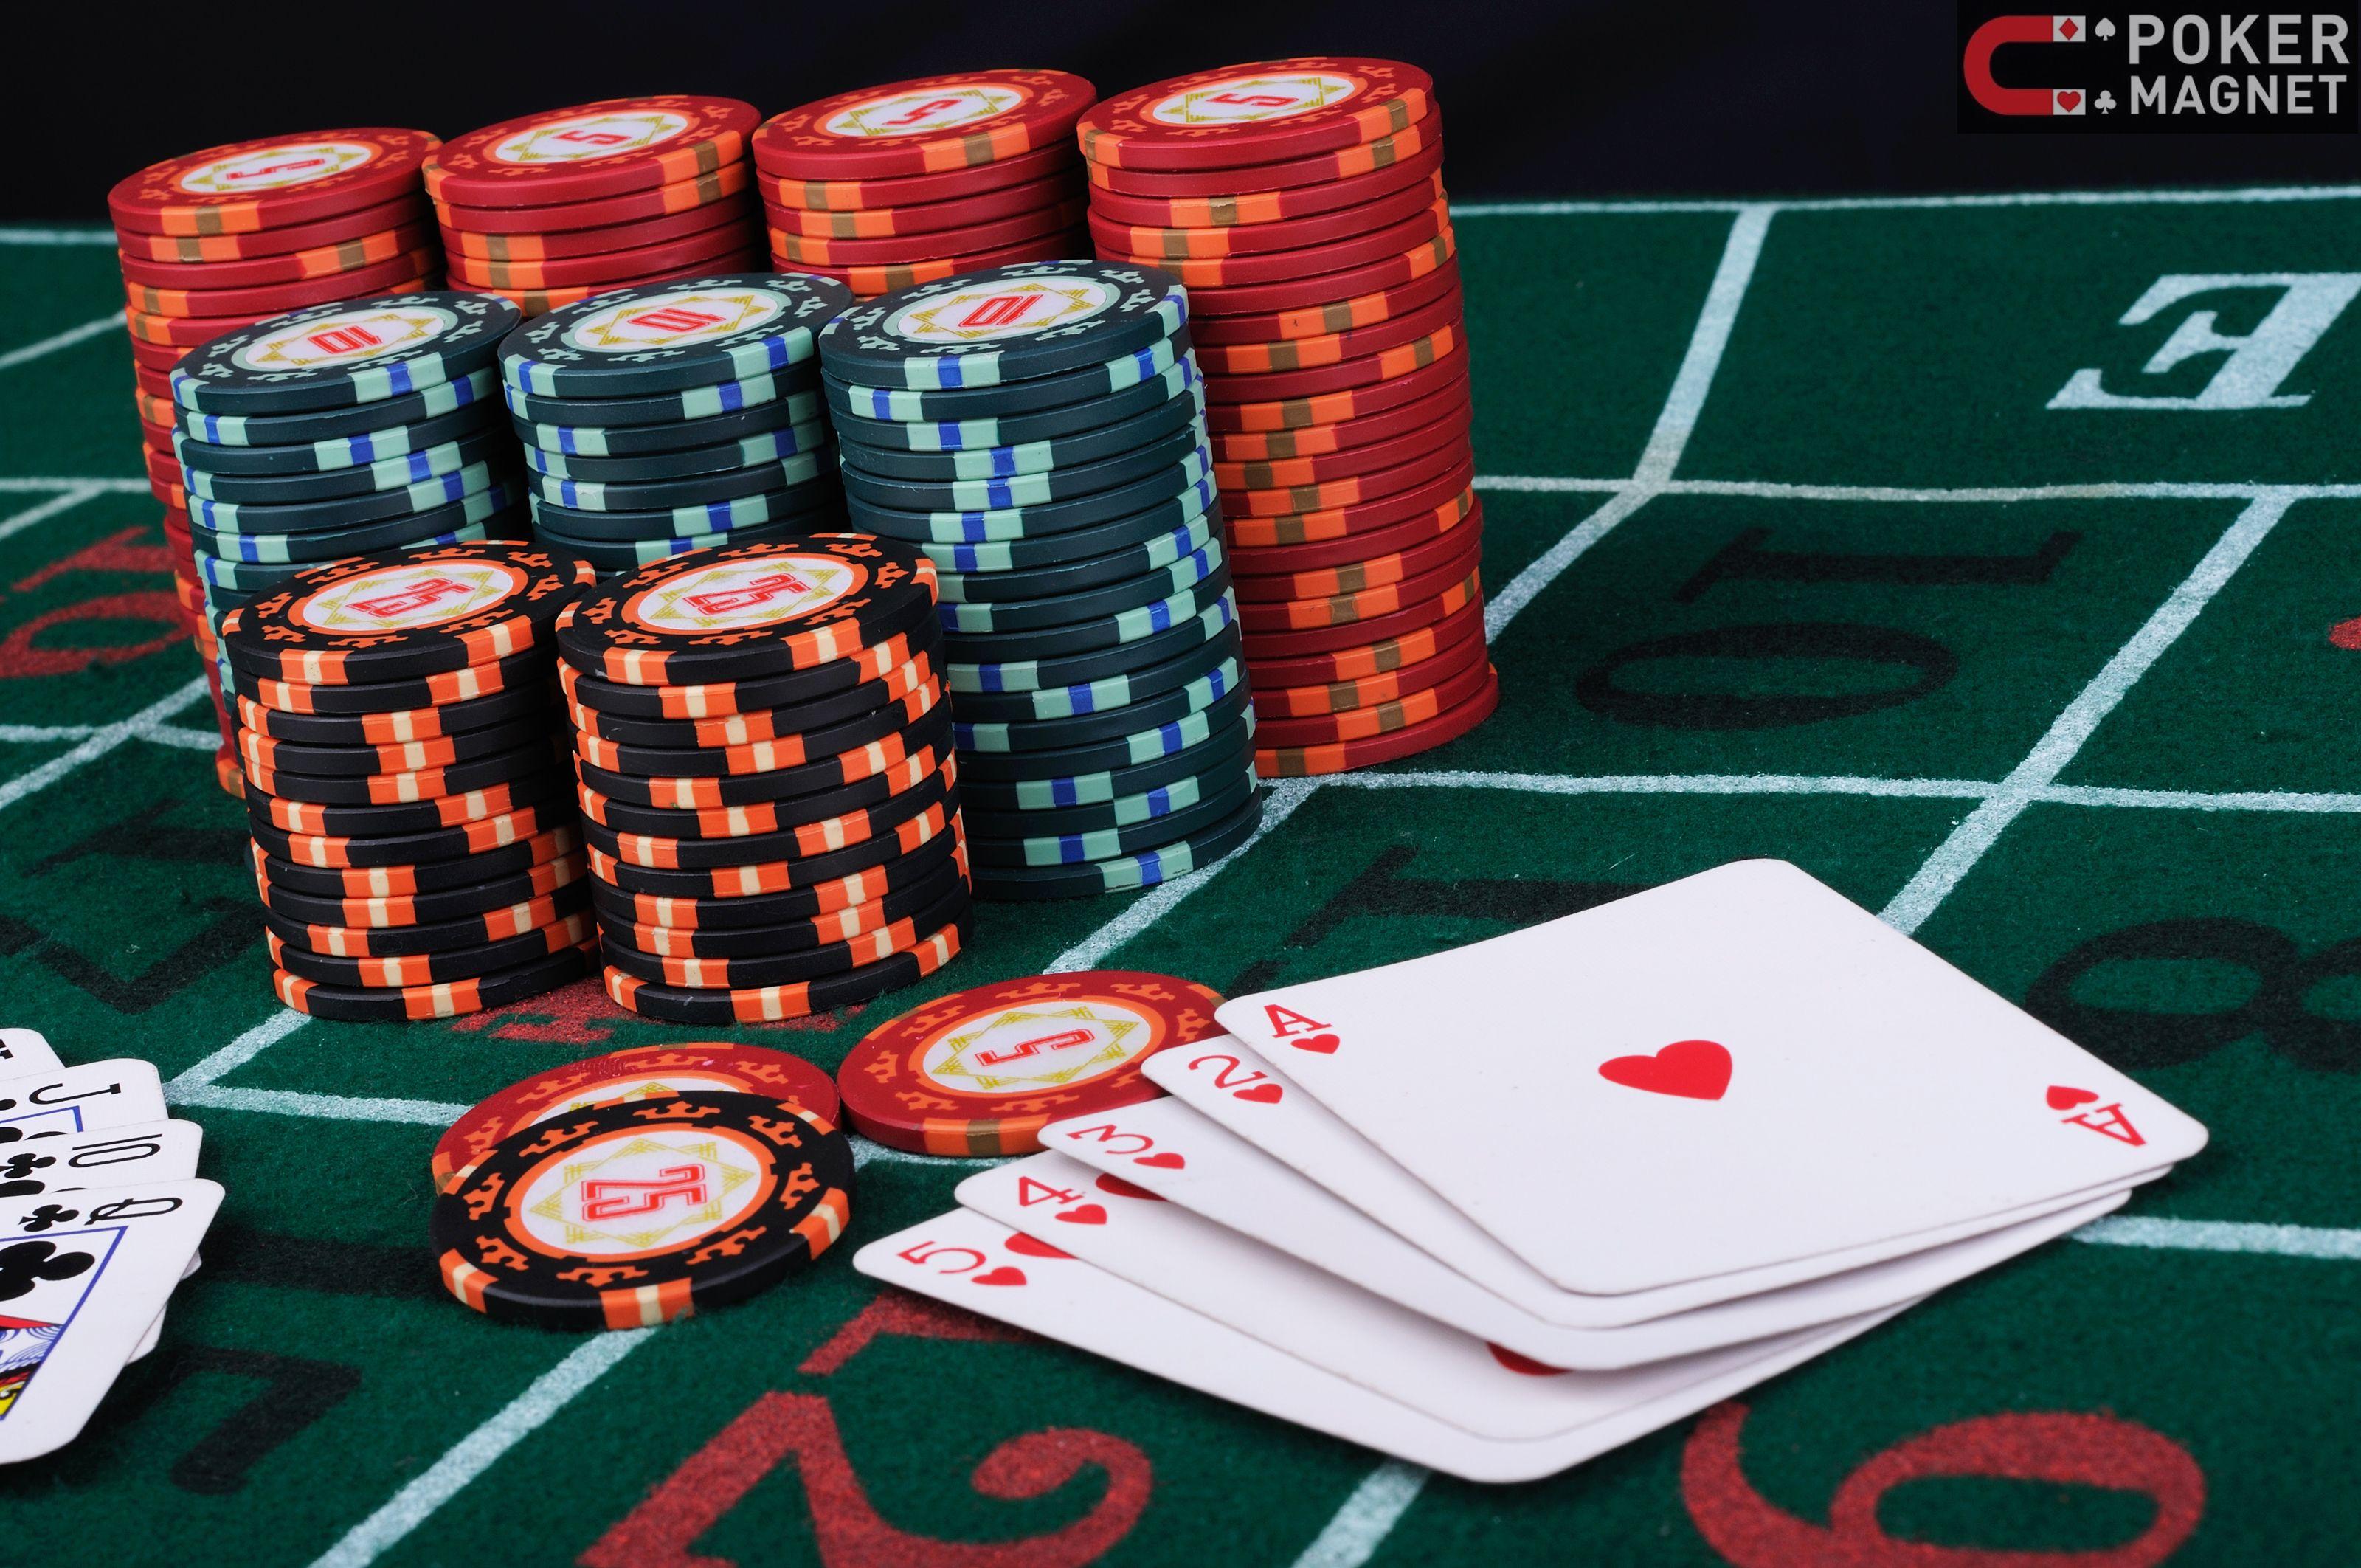 Download free poker software app at gambling humor gambling